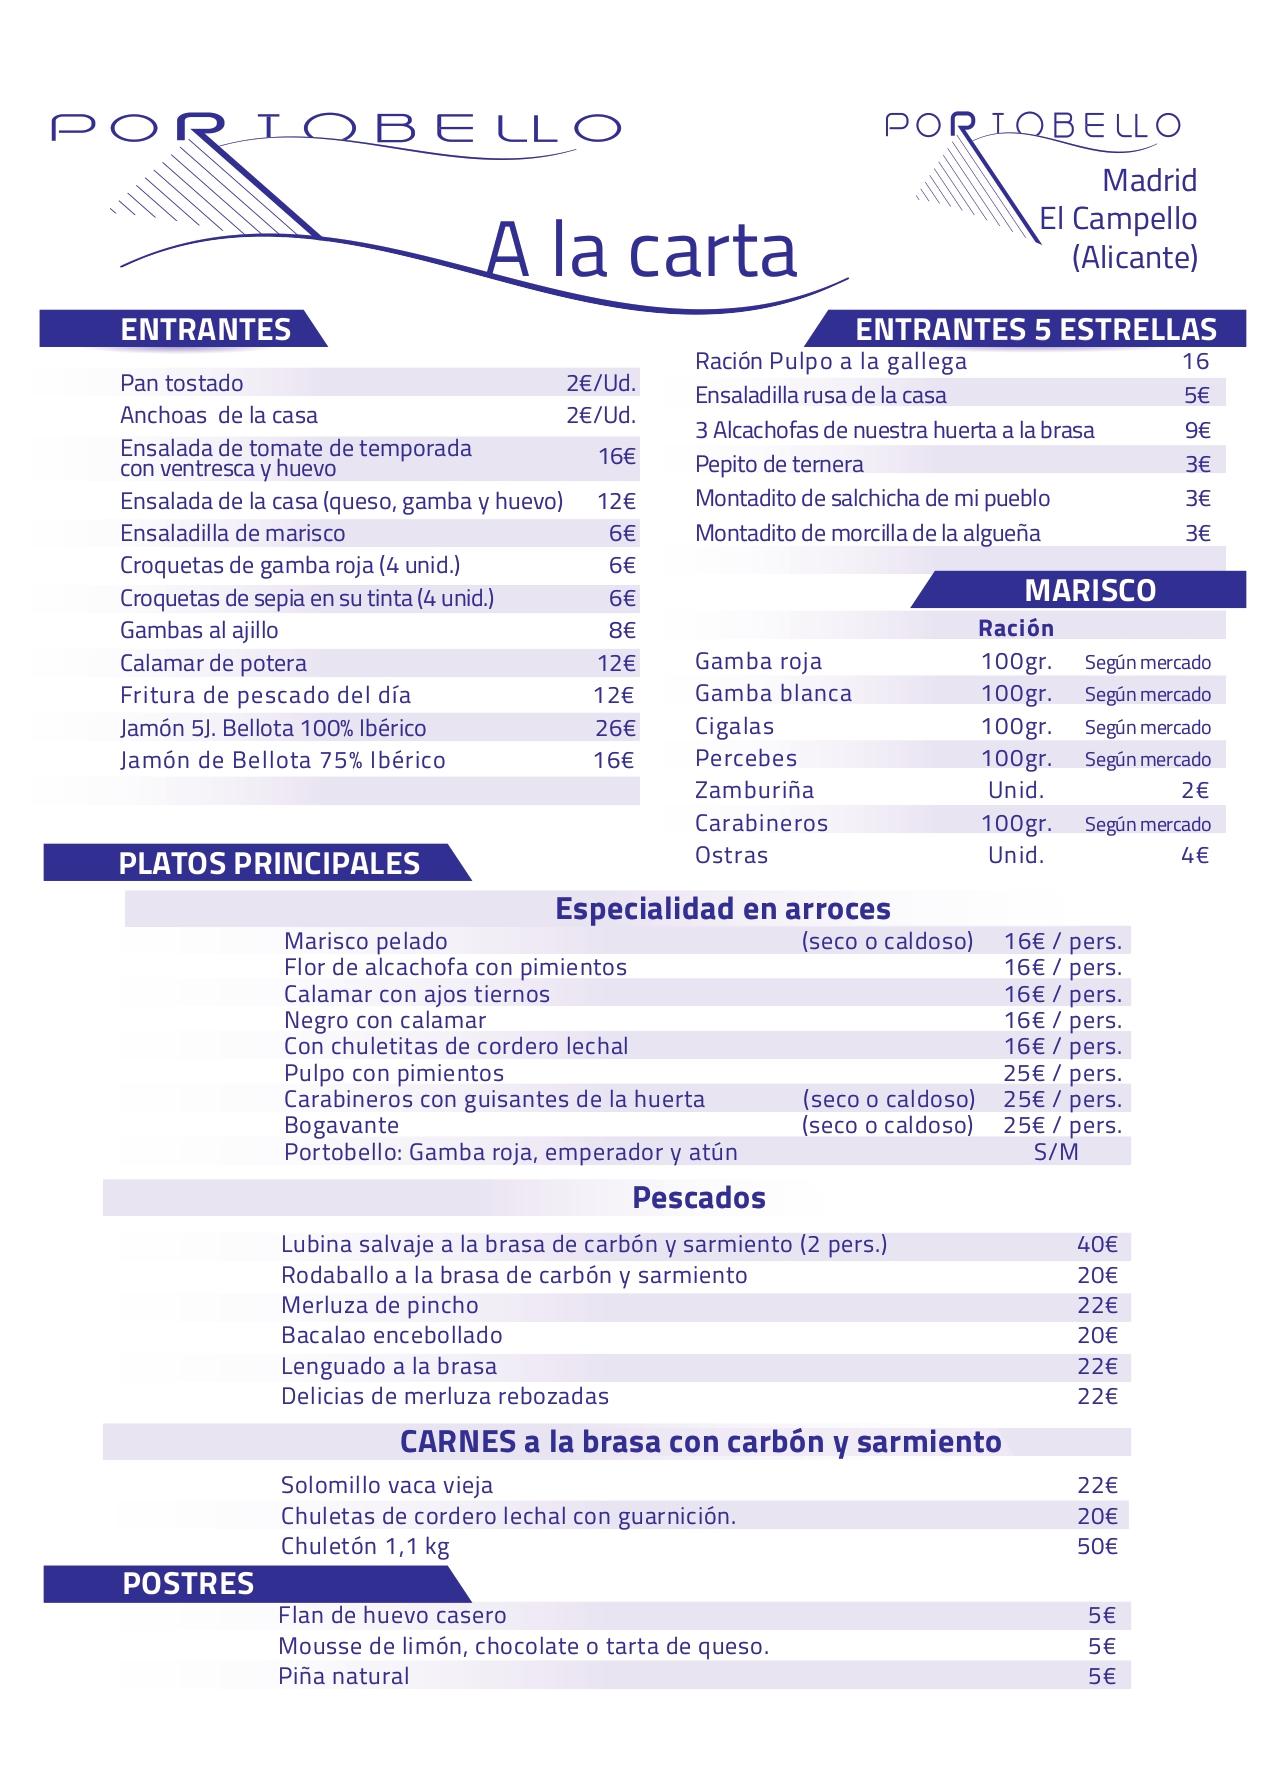 Marisqueria Restaurante Cerveceria C/Rosario Pino, 18, 28020 Madrid - T. 910 186 912 Pescados al horno y Carnes a la brasa con carbón ecológico y vegetal.